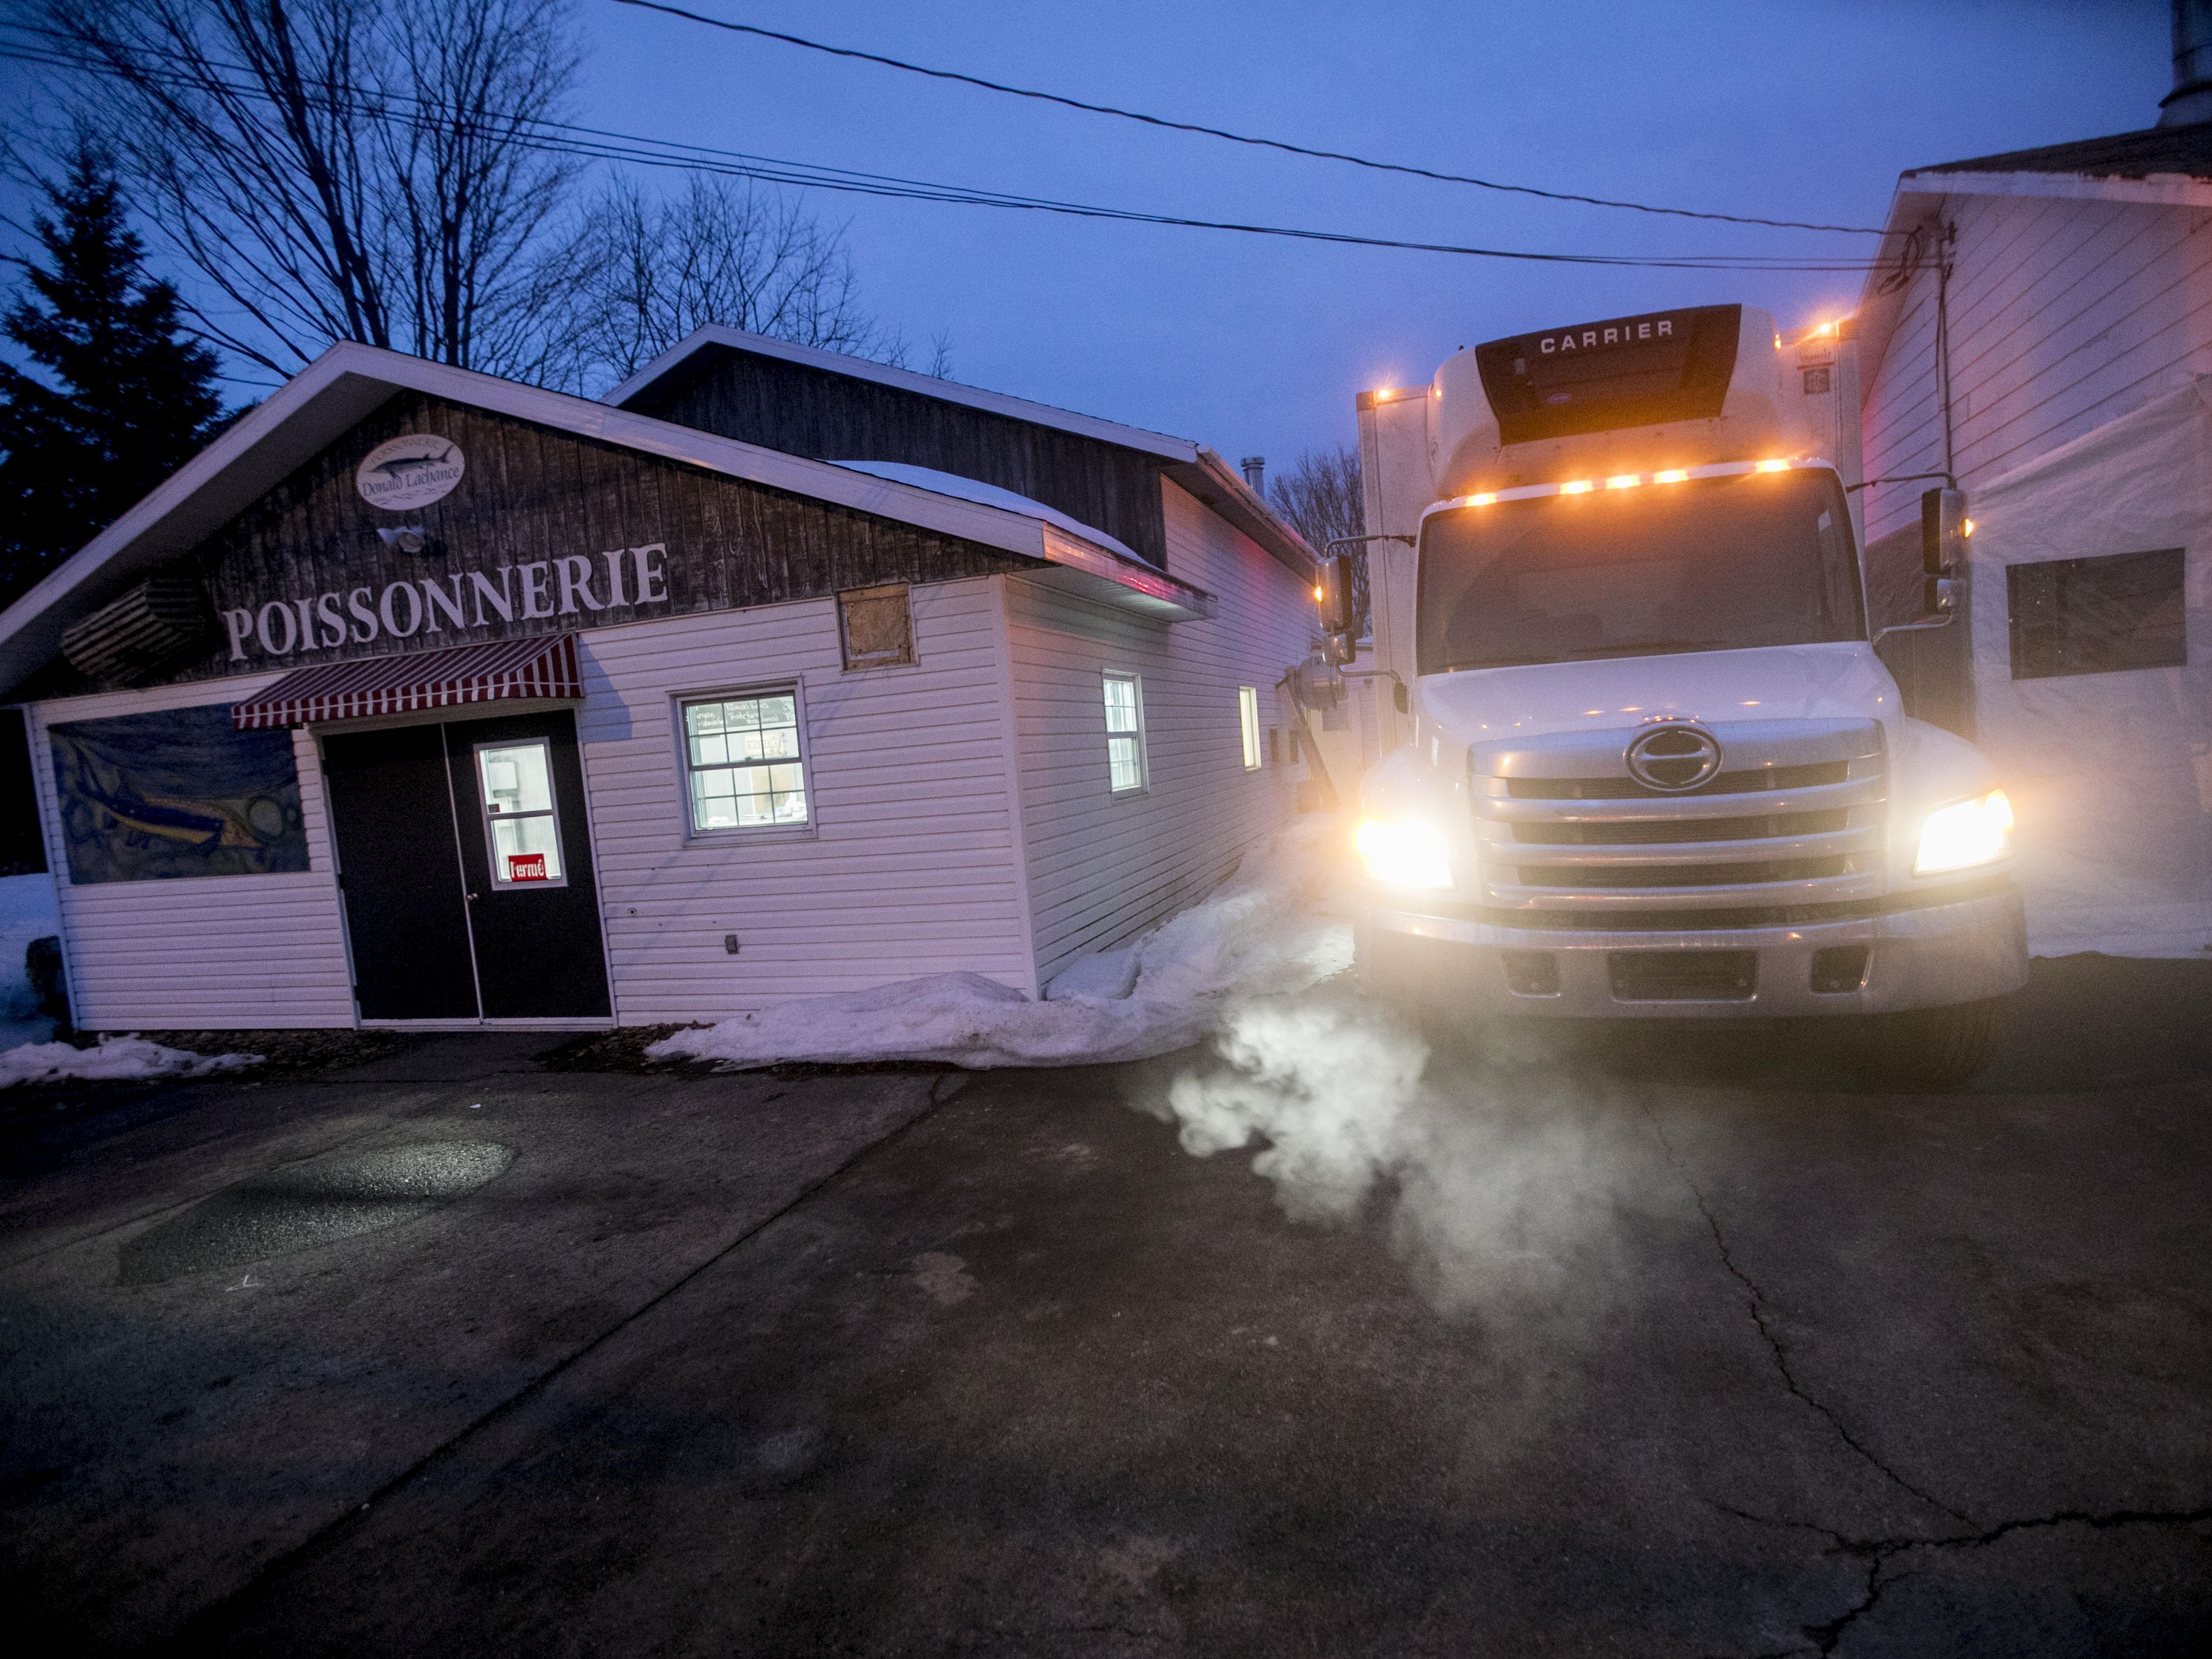 Le camion de livraison arrêté à un de ses arrêts